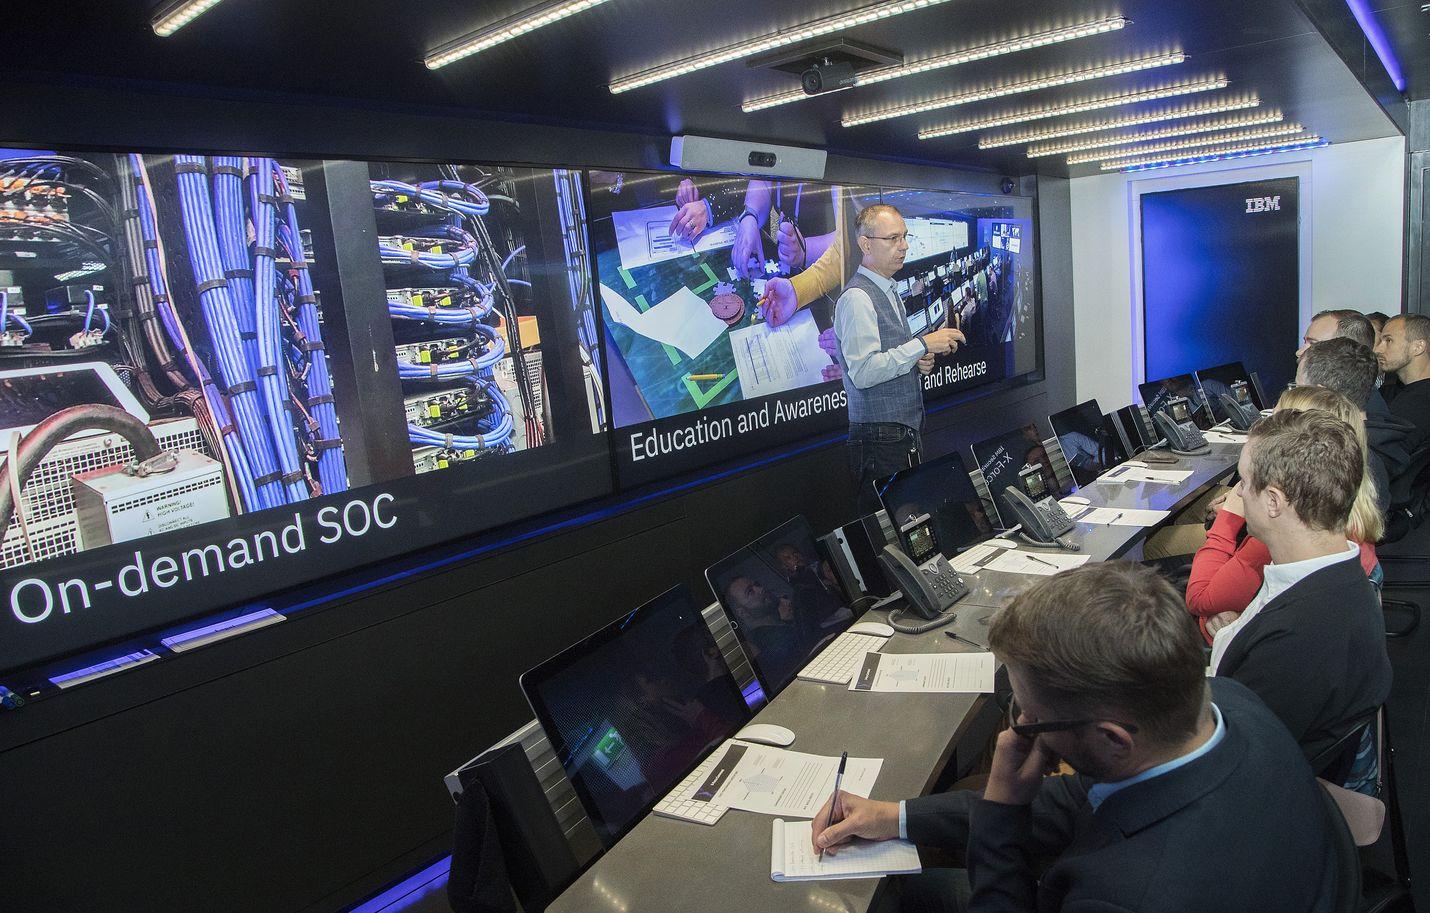 Johtava turvallisuusneuvoja Erno Doorenspleet esitteli viime viikolla toimittajille IBM:n operaatiokeskusta, jossa simuloidaan kuvitteellinen kyberhyökkäystilanne. Operaatiokeskus matkaa jättimäisen rekan kyydissä ympäri Eurooppaa kouluttamassa organisaatioita hyökkäysten varalle.